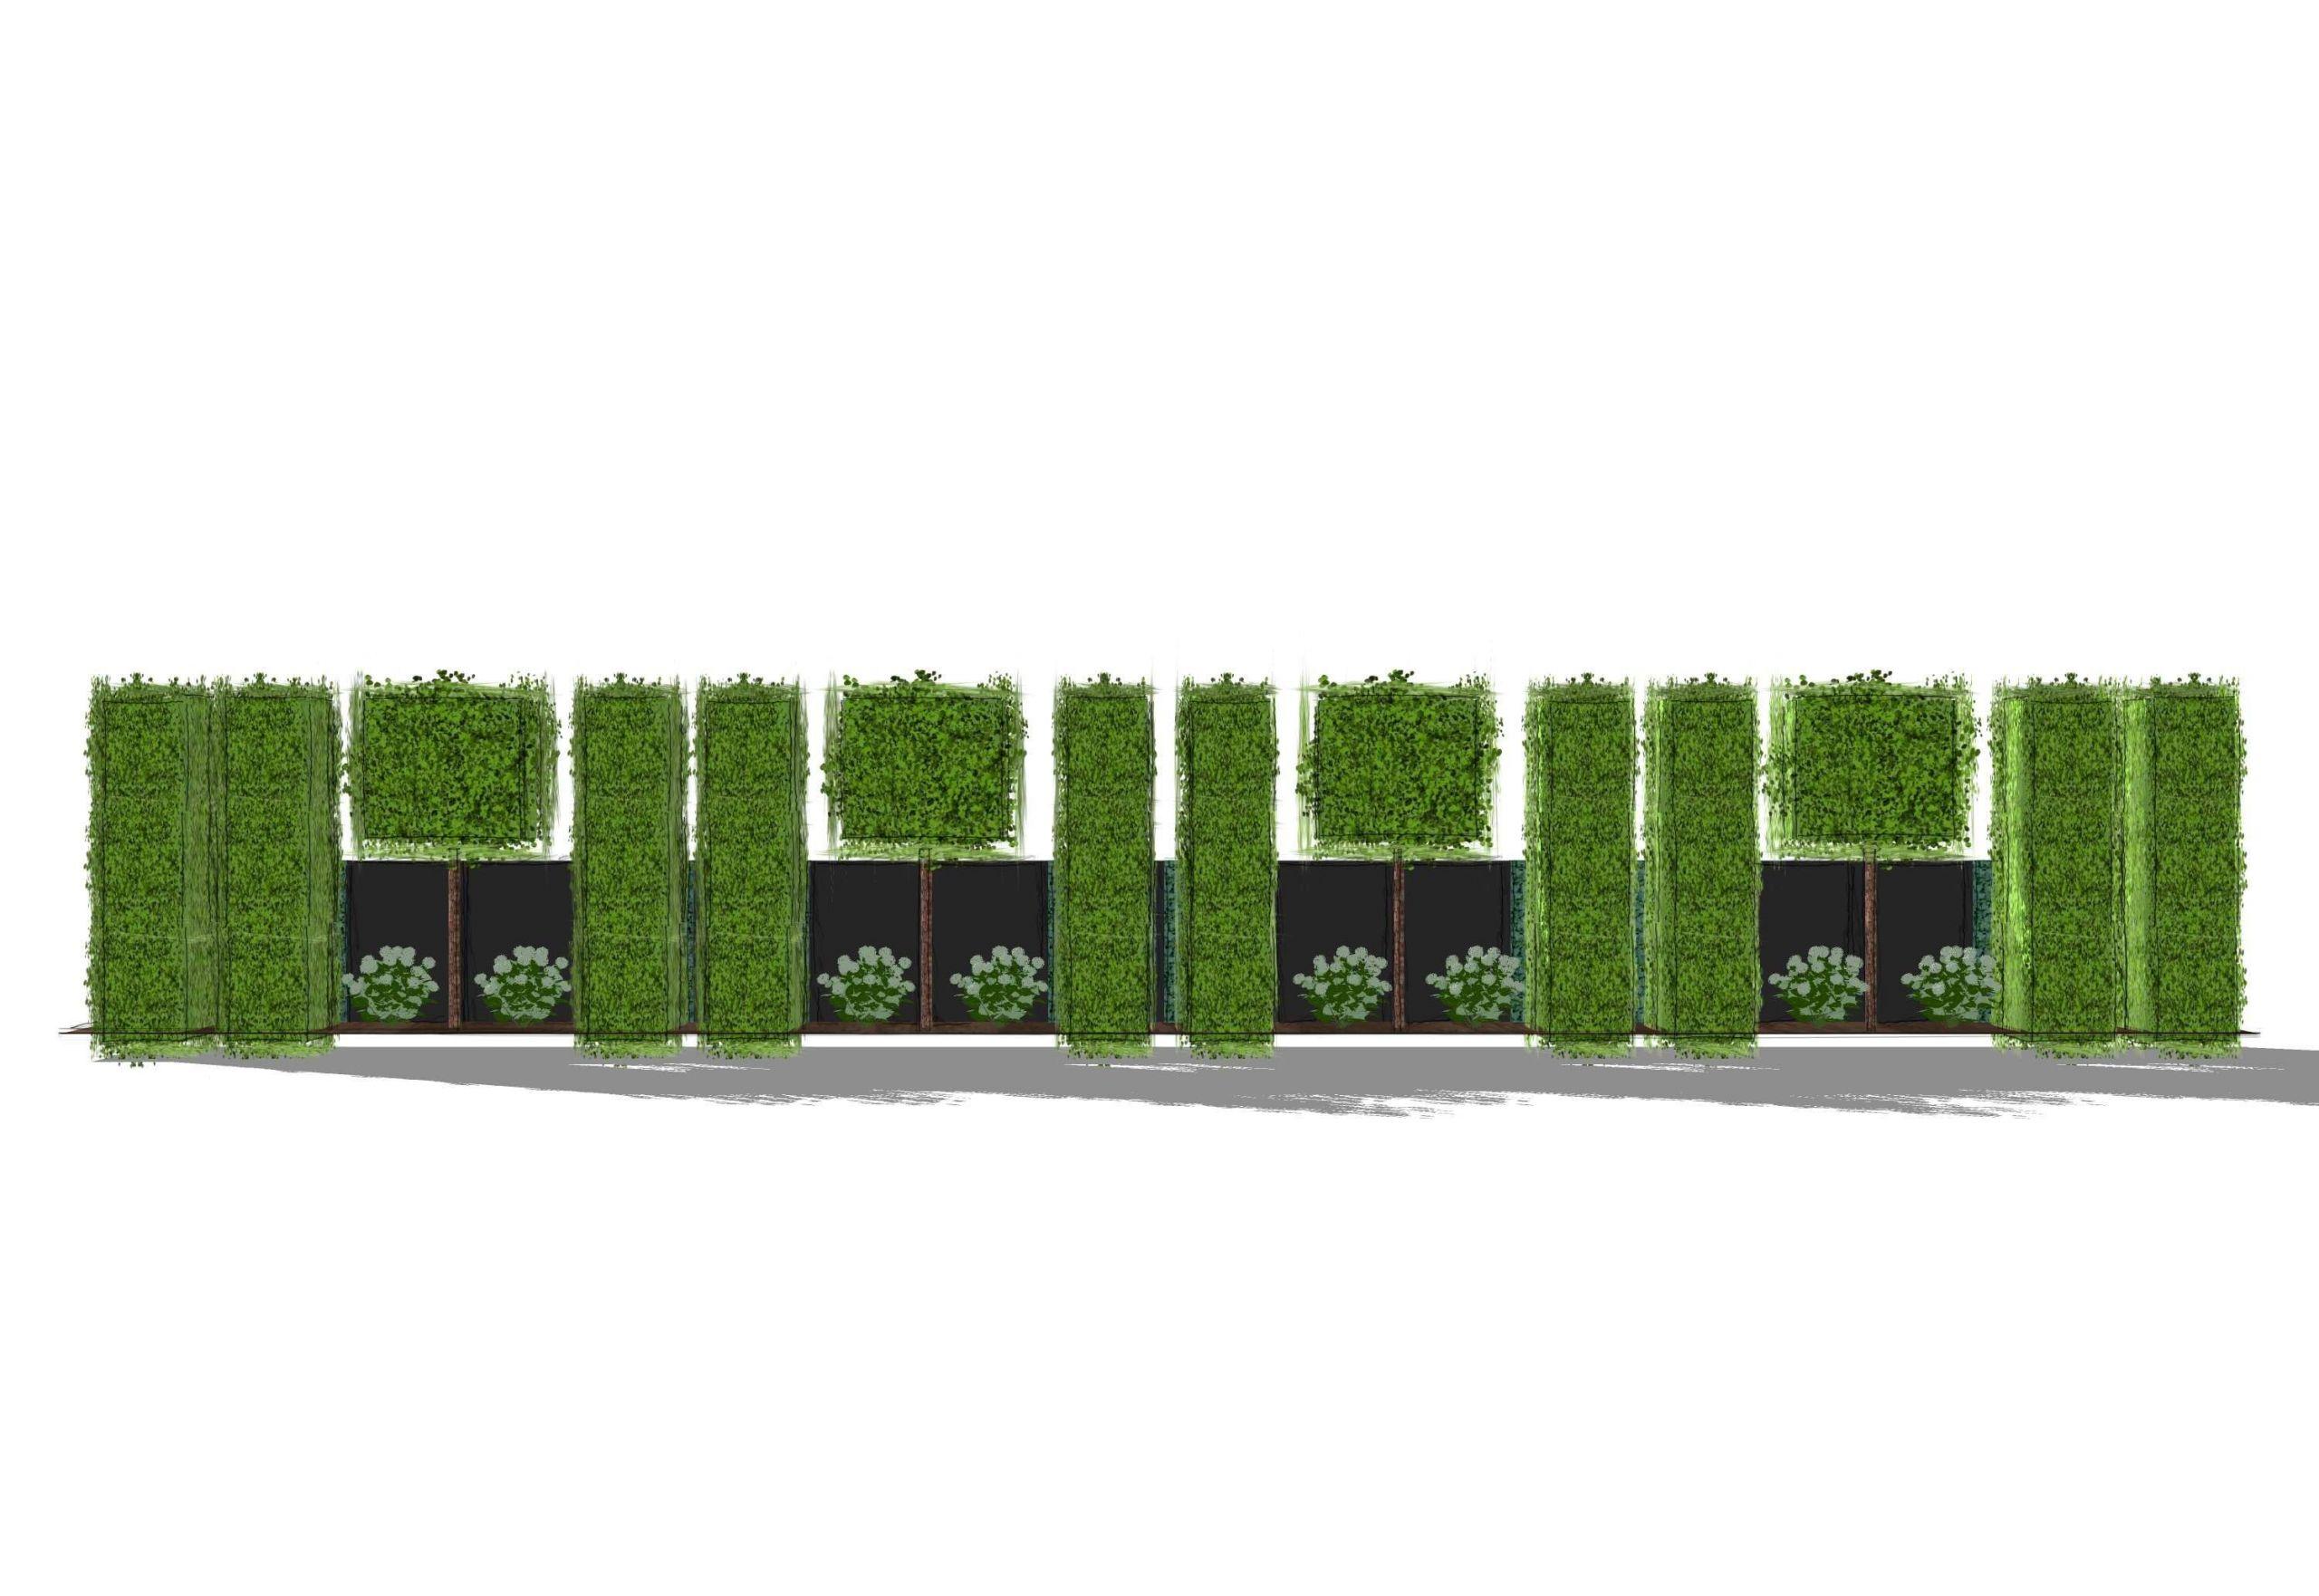 Sichtschutz Garten Selber Bauen Frisch Pin Auf Landscape